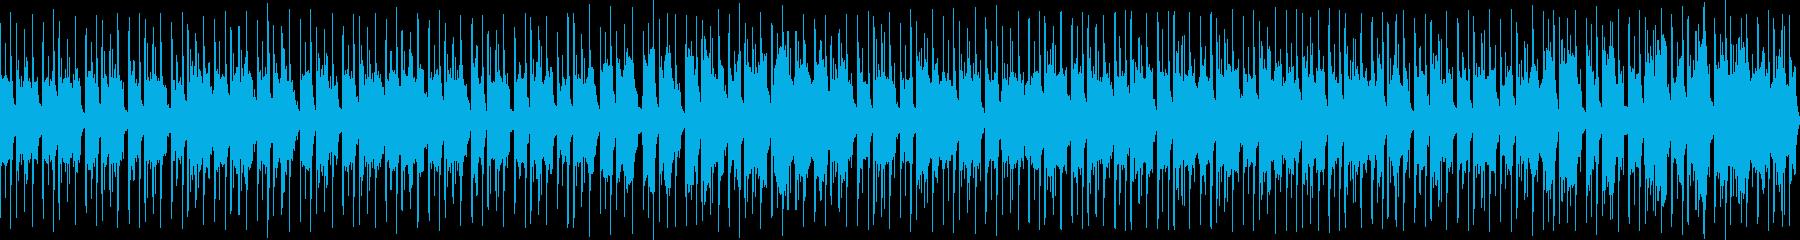 孤独で不安定なサウンド【ループ仕様】の再生済みの波形